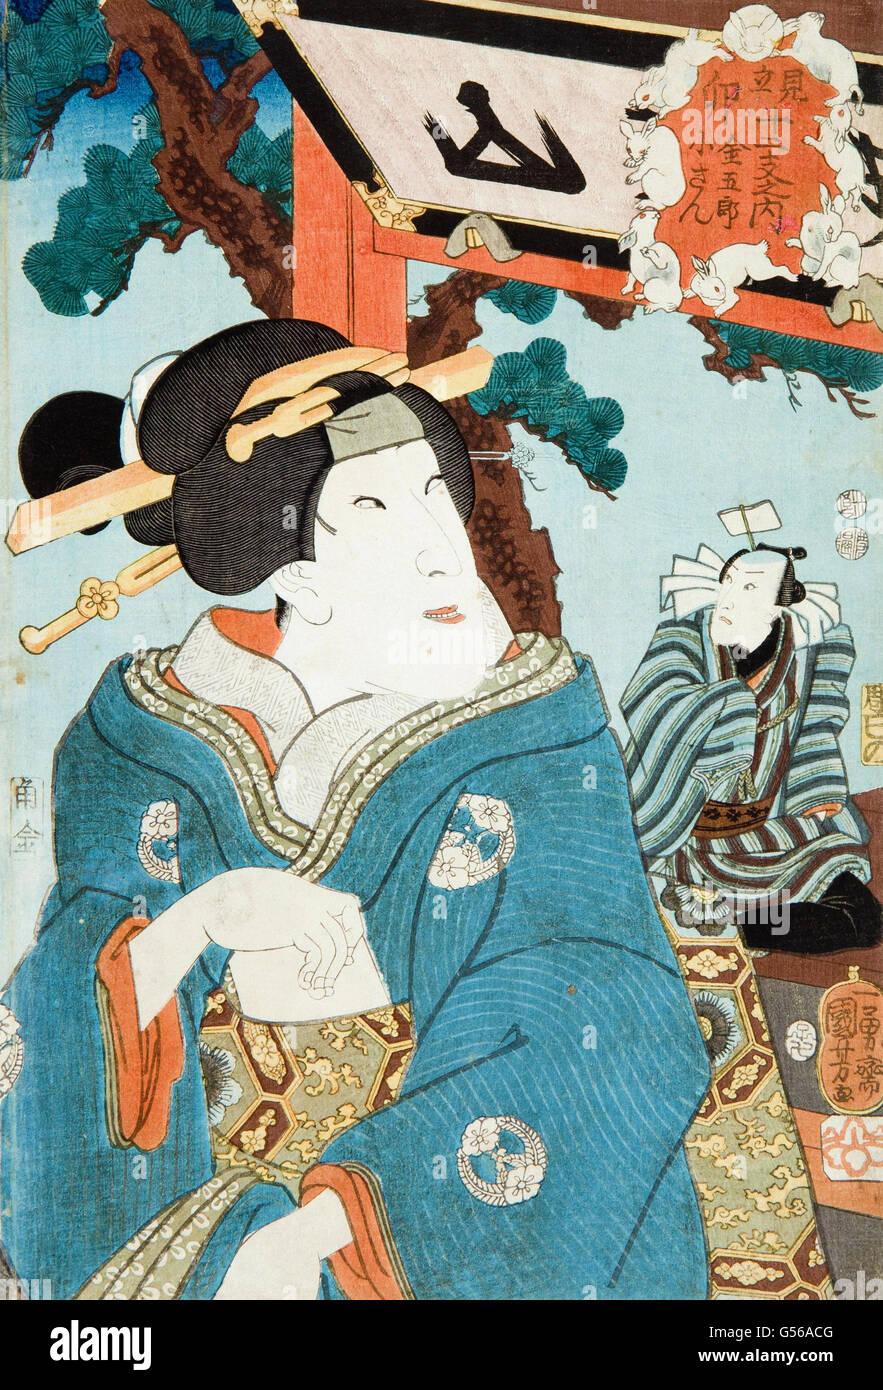 Utagawa Kuniyoshi - Woodcut - Stock Image